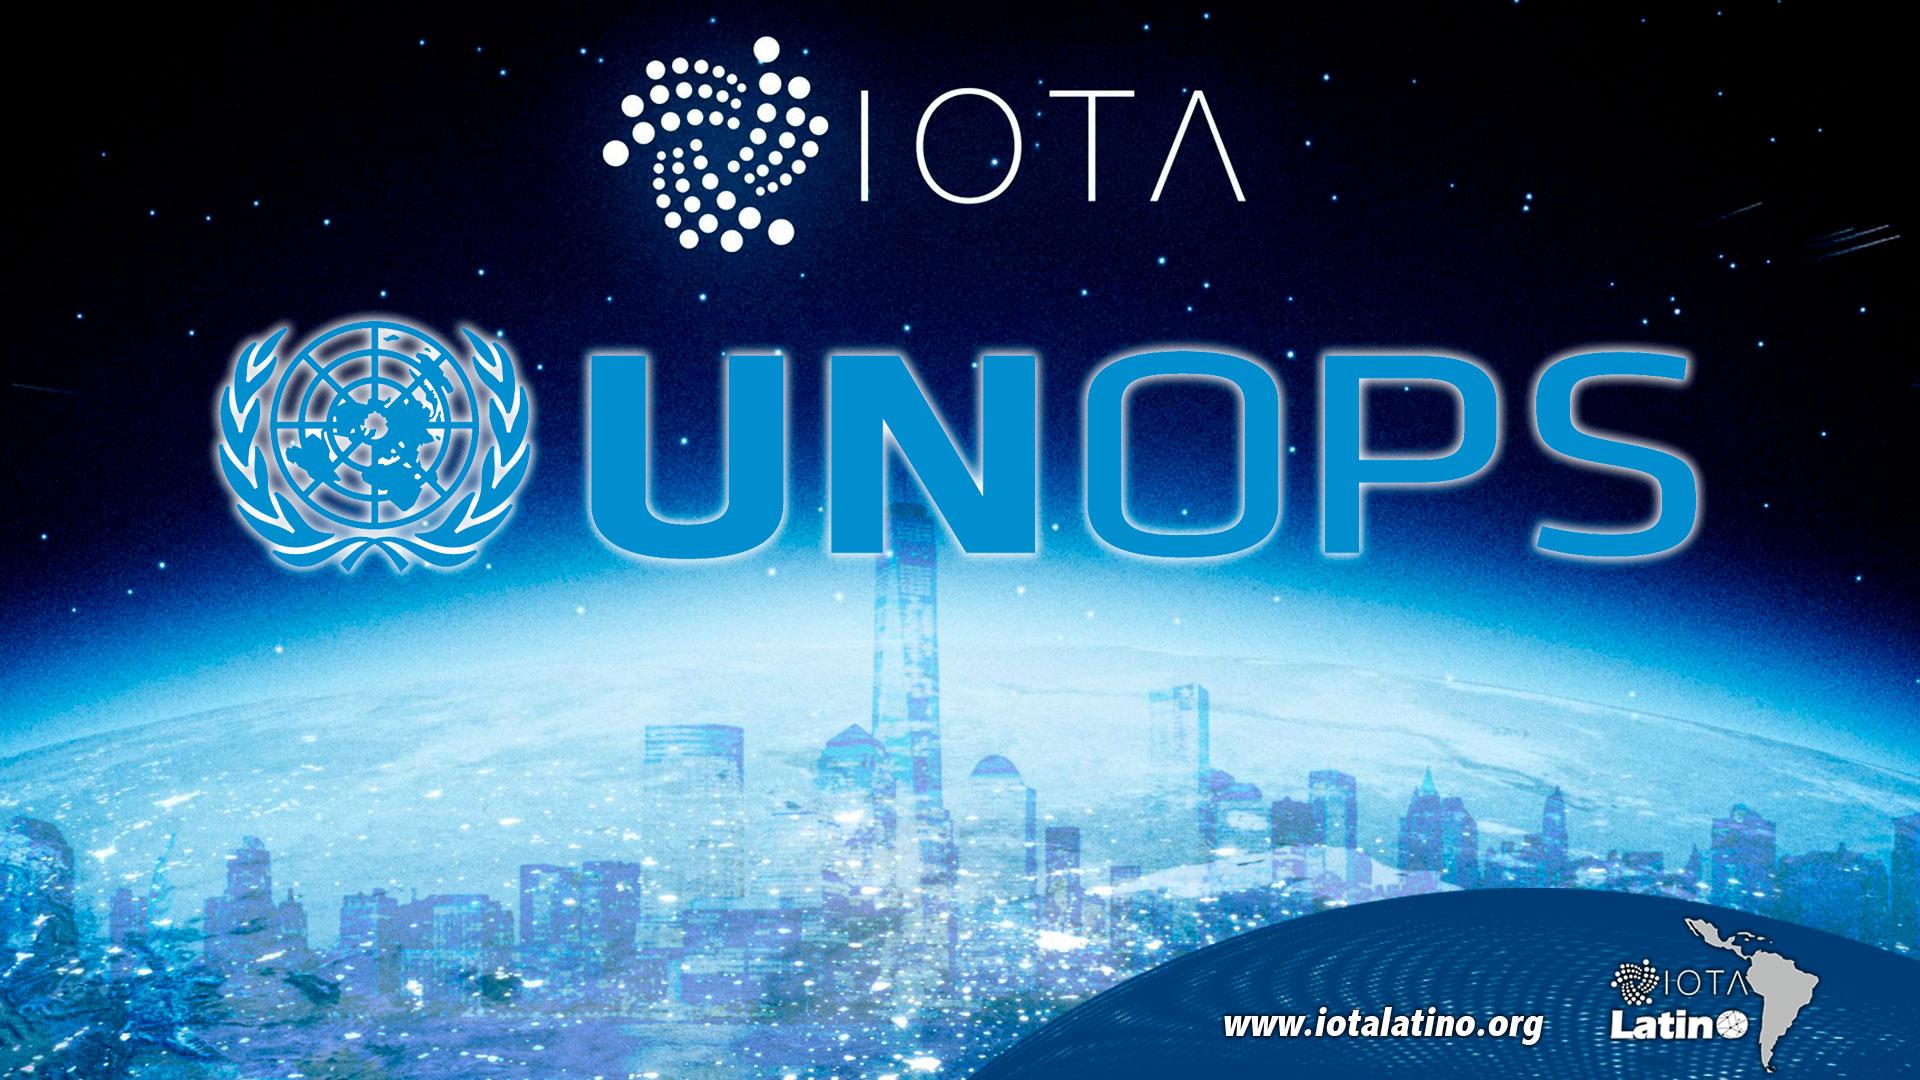 IOTA-UNOPS